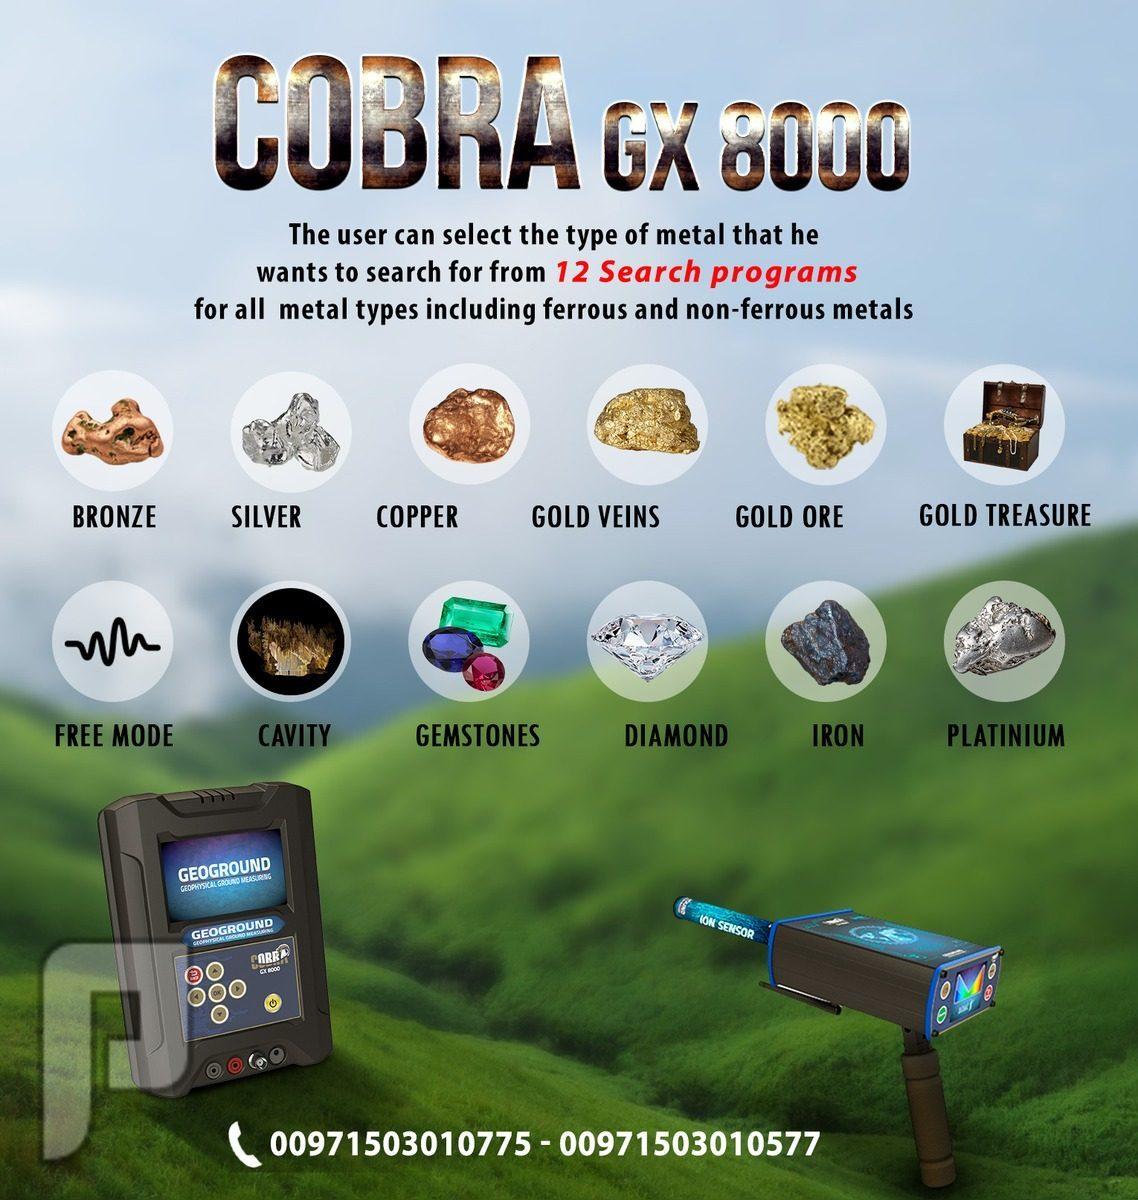 افضل اجهزة كشف الذهب فى السعودية جهاز كوبرا جي اكس 8000 جهاز كشف الذهب فى السعودية